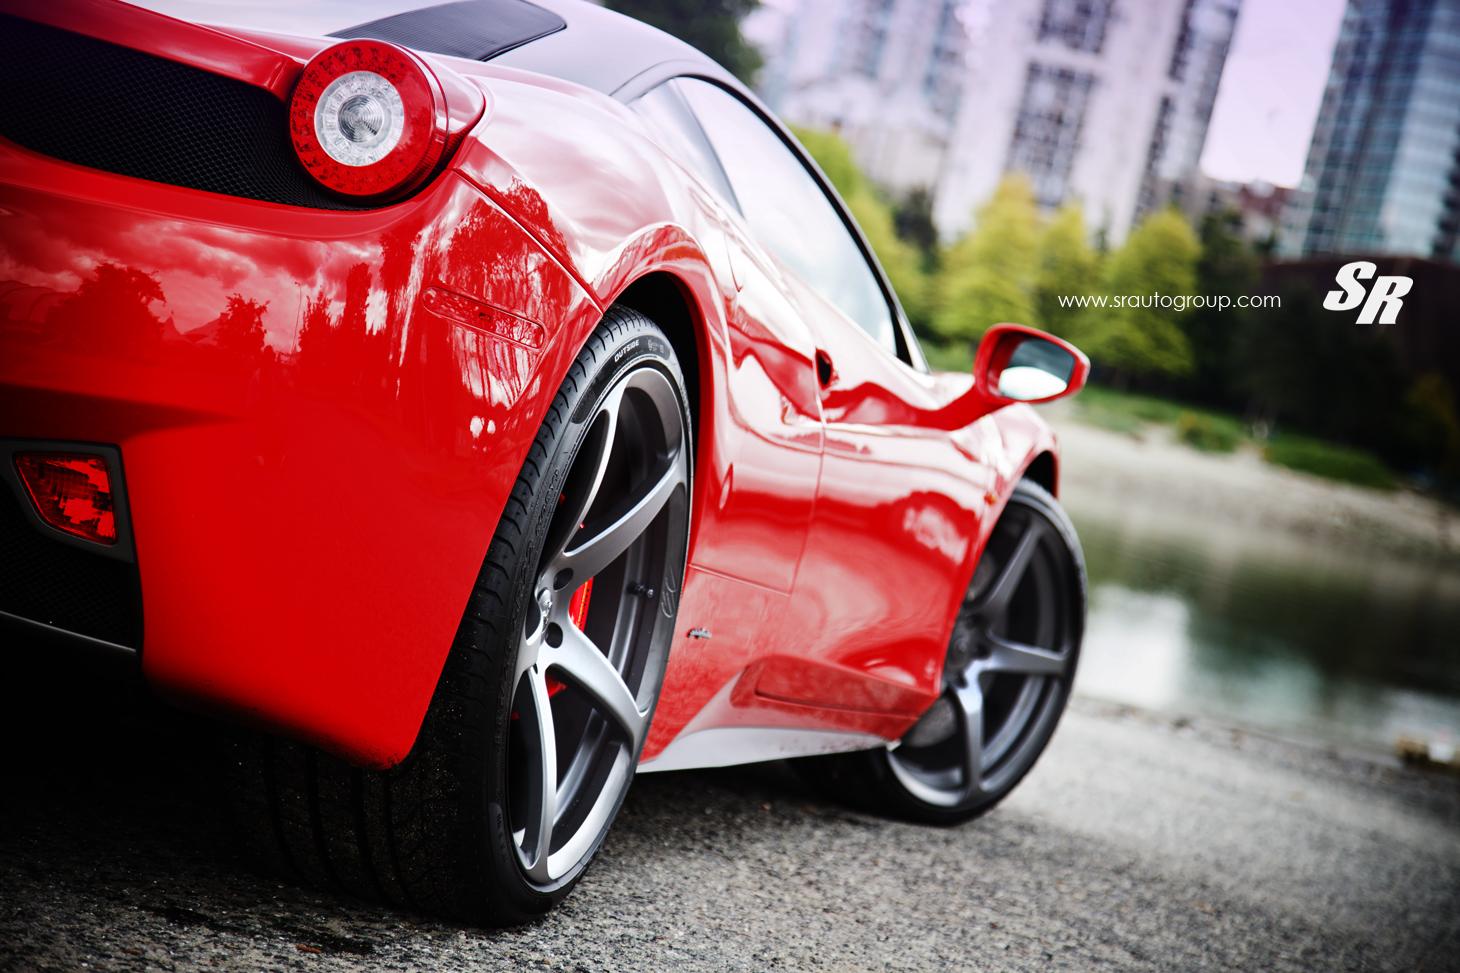 2012 sr ferrari 458 italia project refined beauty - Ferrari Italia 458